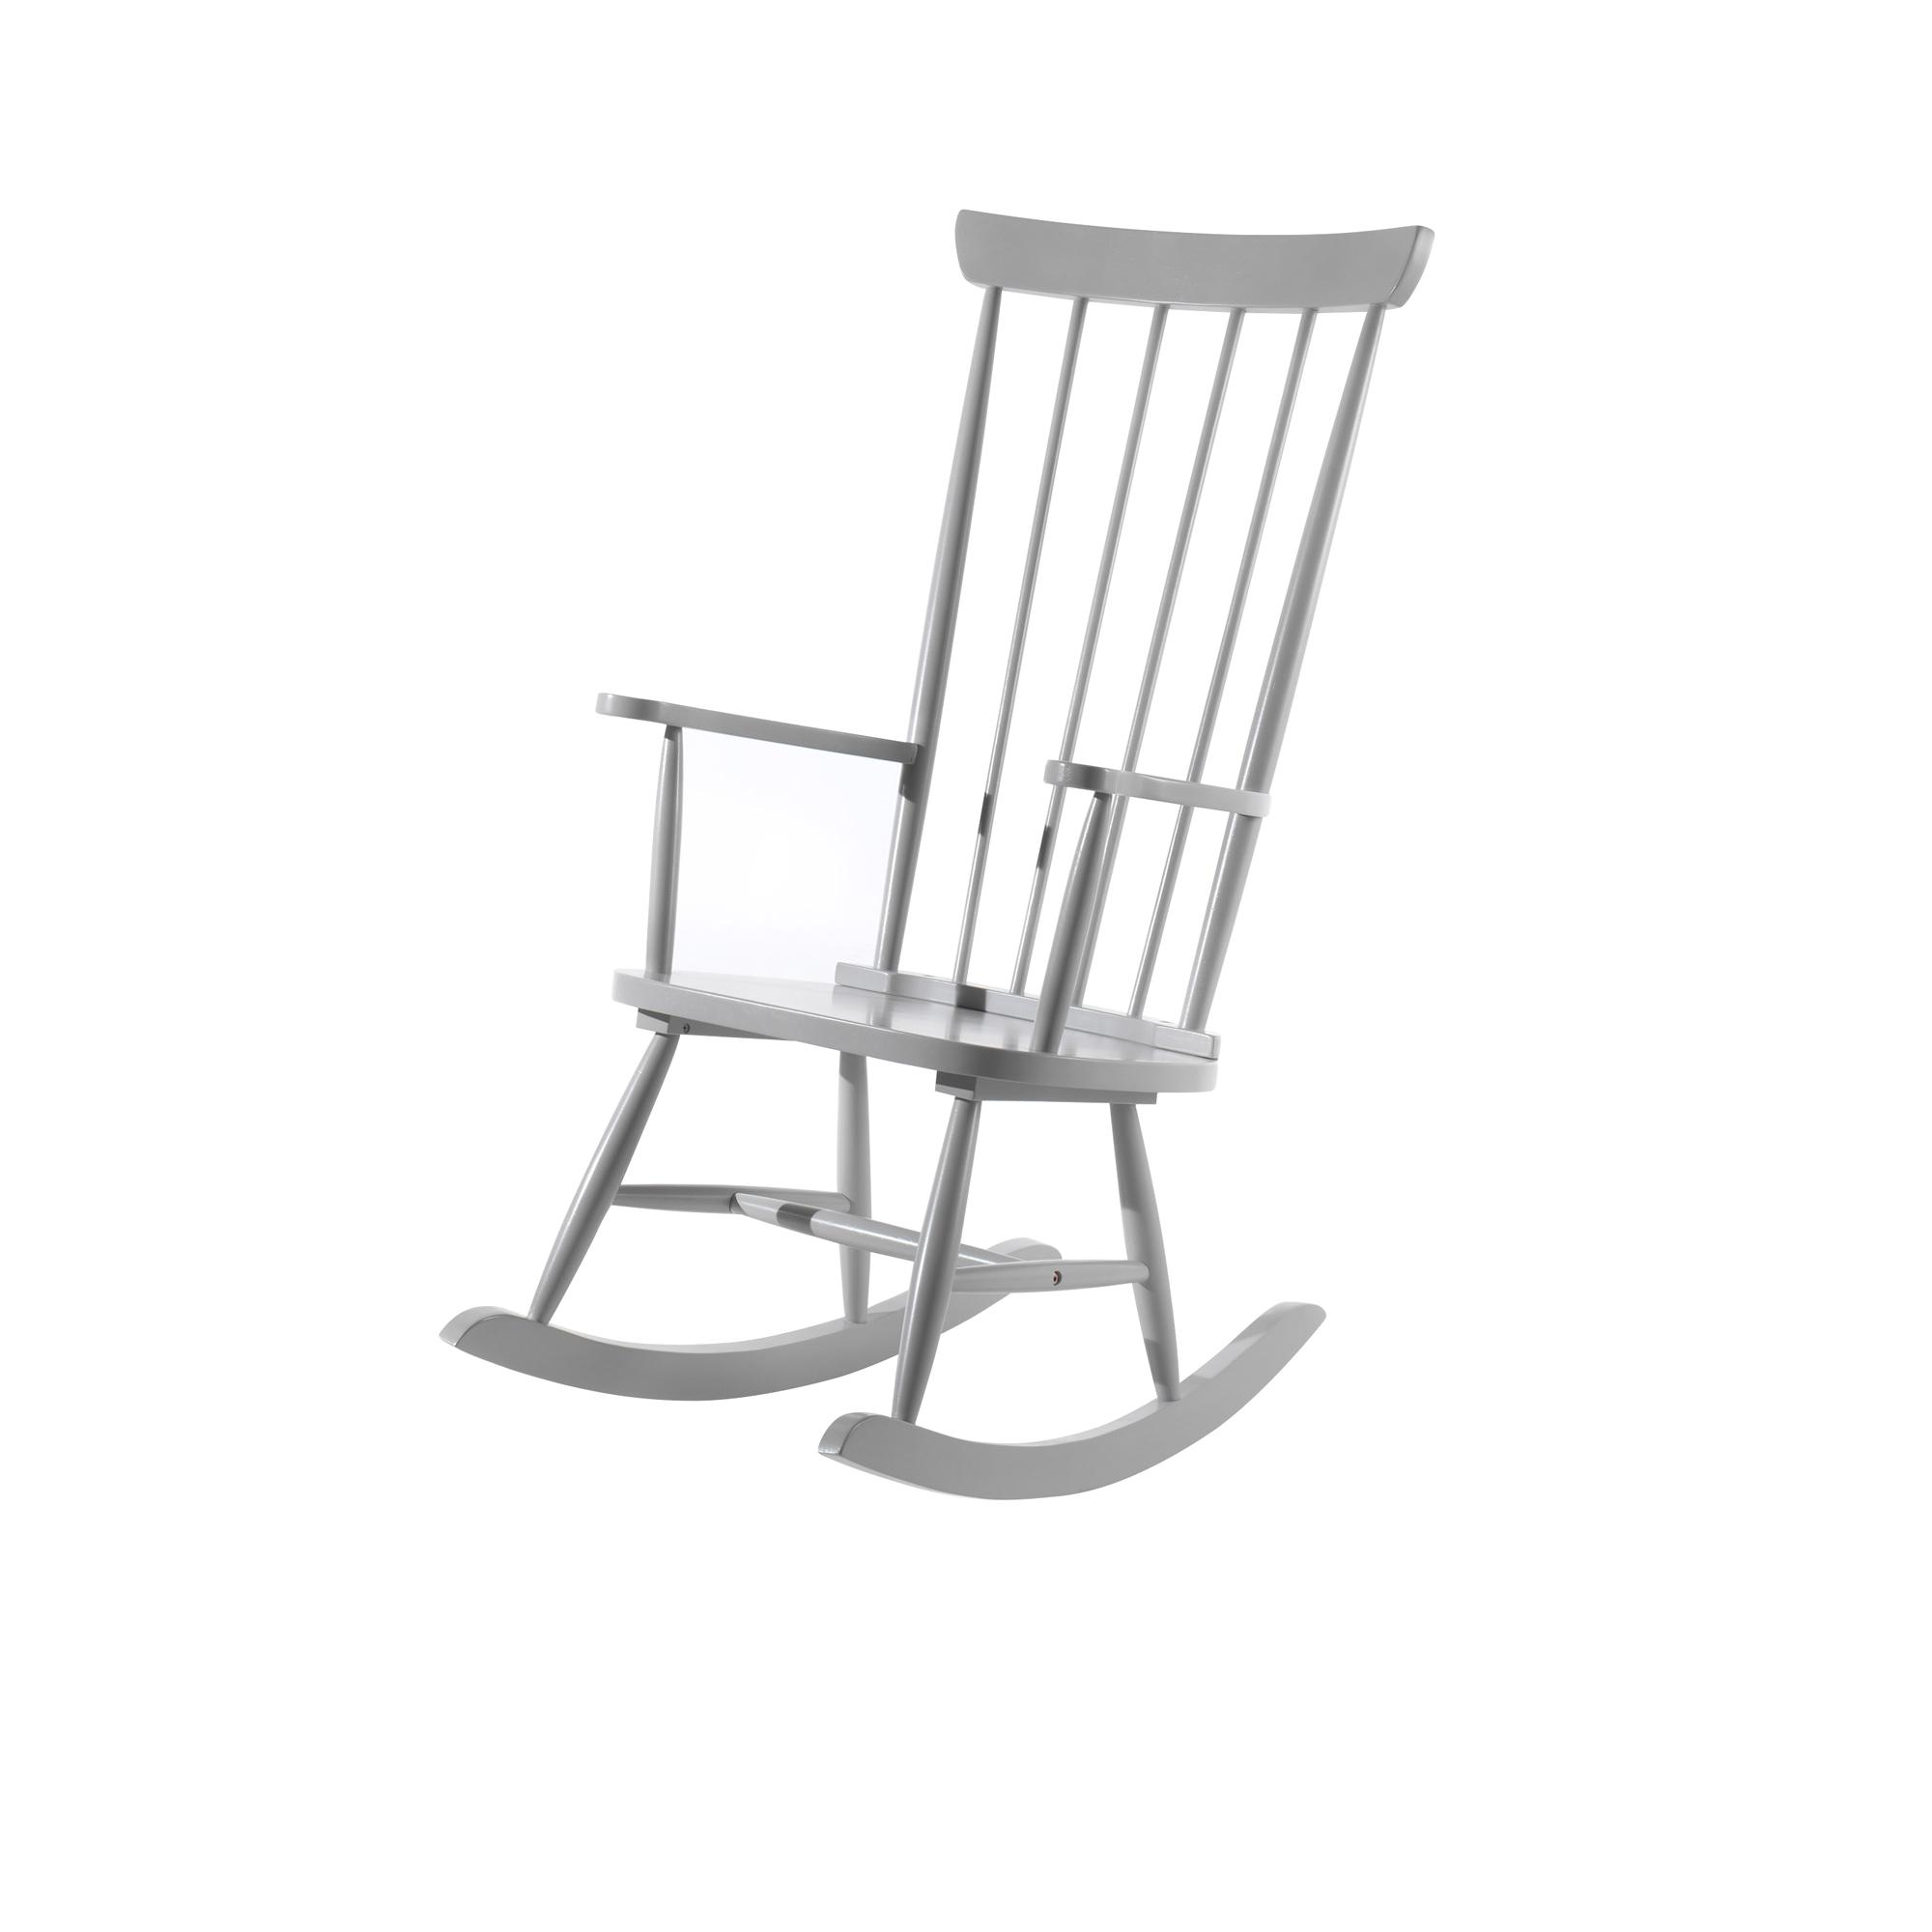 schaukelstuhl kiddy f r gro und klein hellgrau kinder beistellm bel. Black Bedroom Furniture Sets. Home Design Ideas